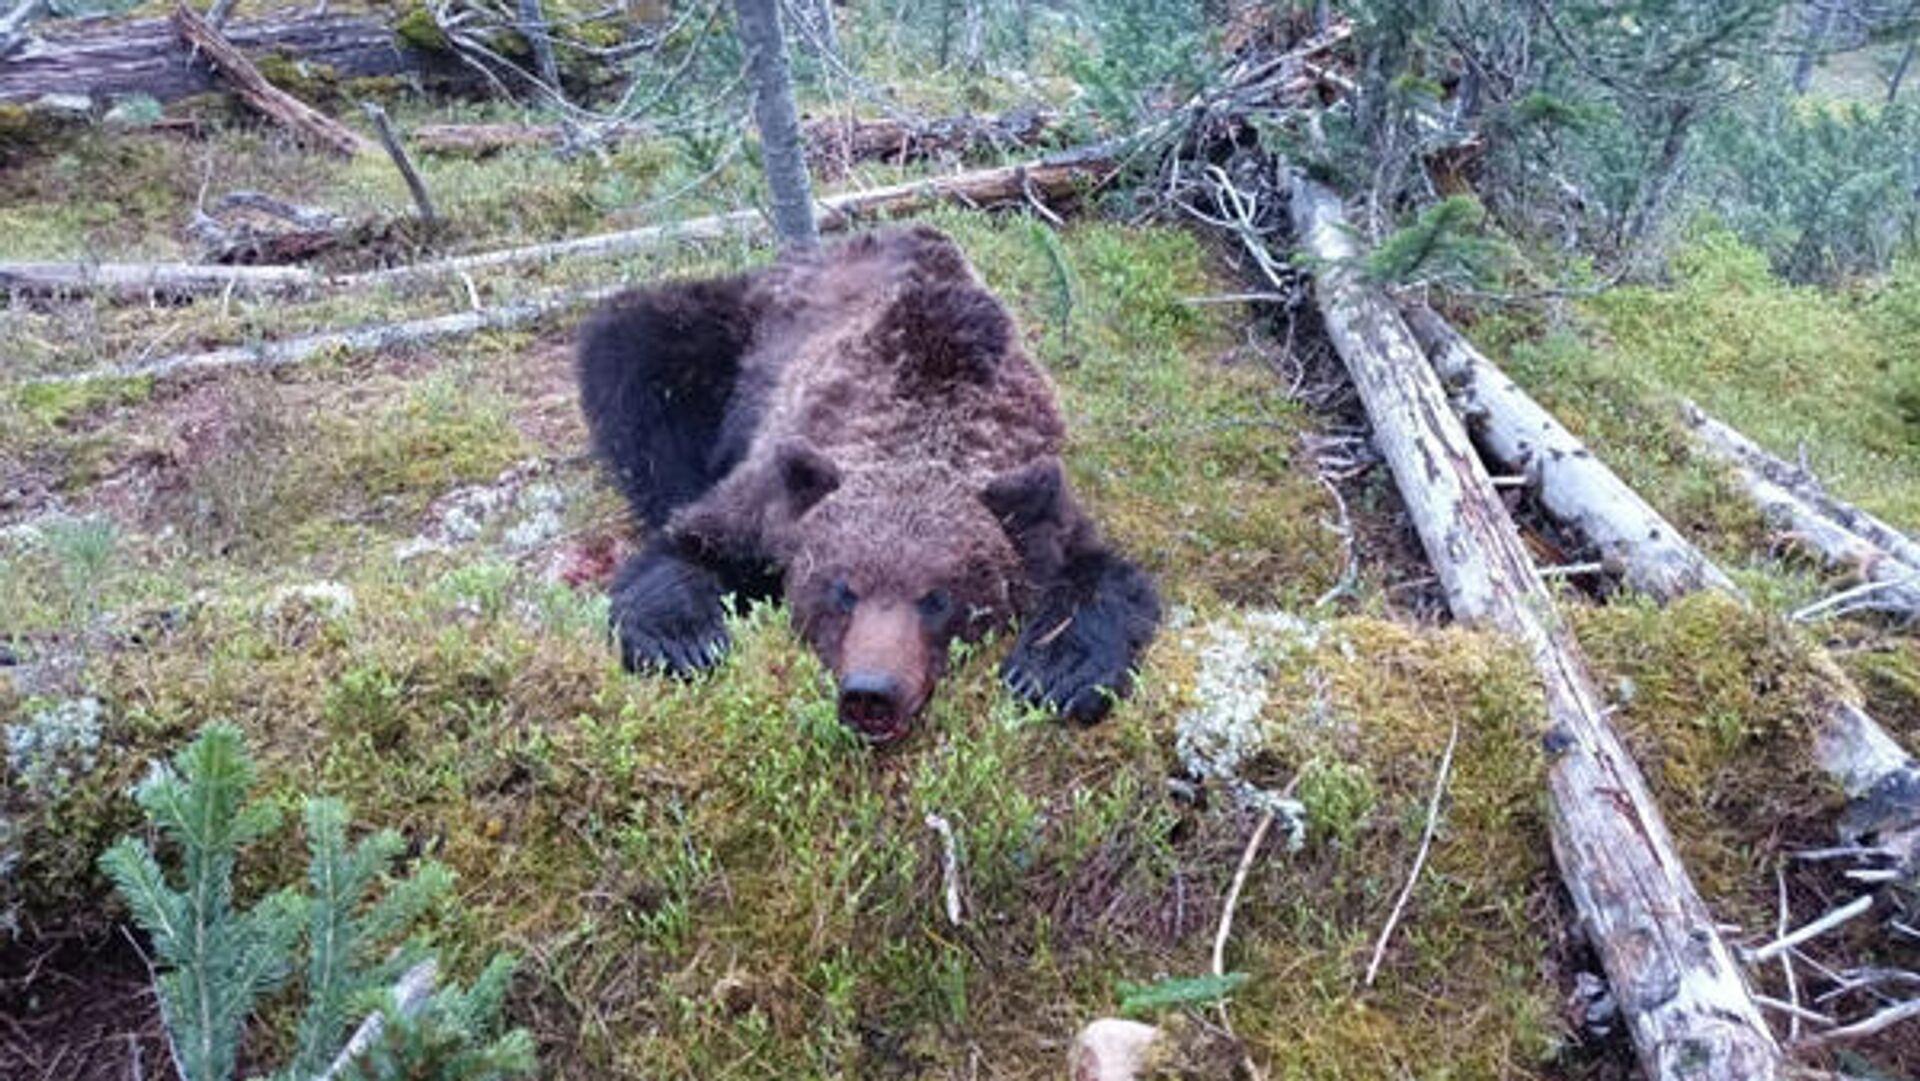 Застреленный медведь в природном парке Ергаки - РИА Новости, 1920, 29.07.2021